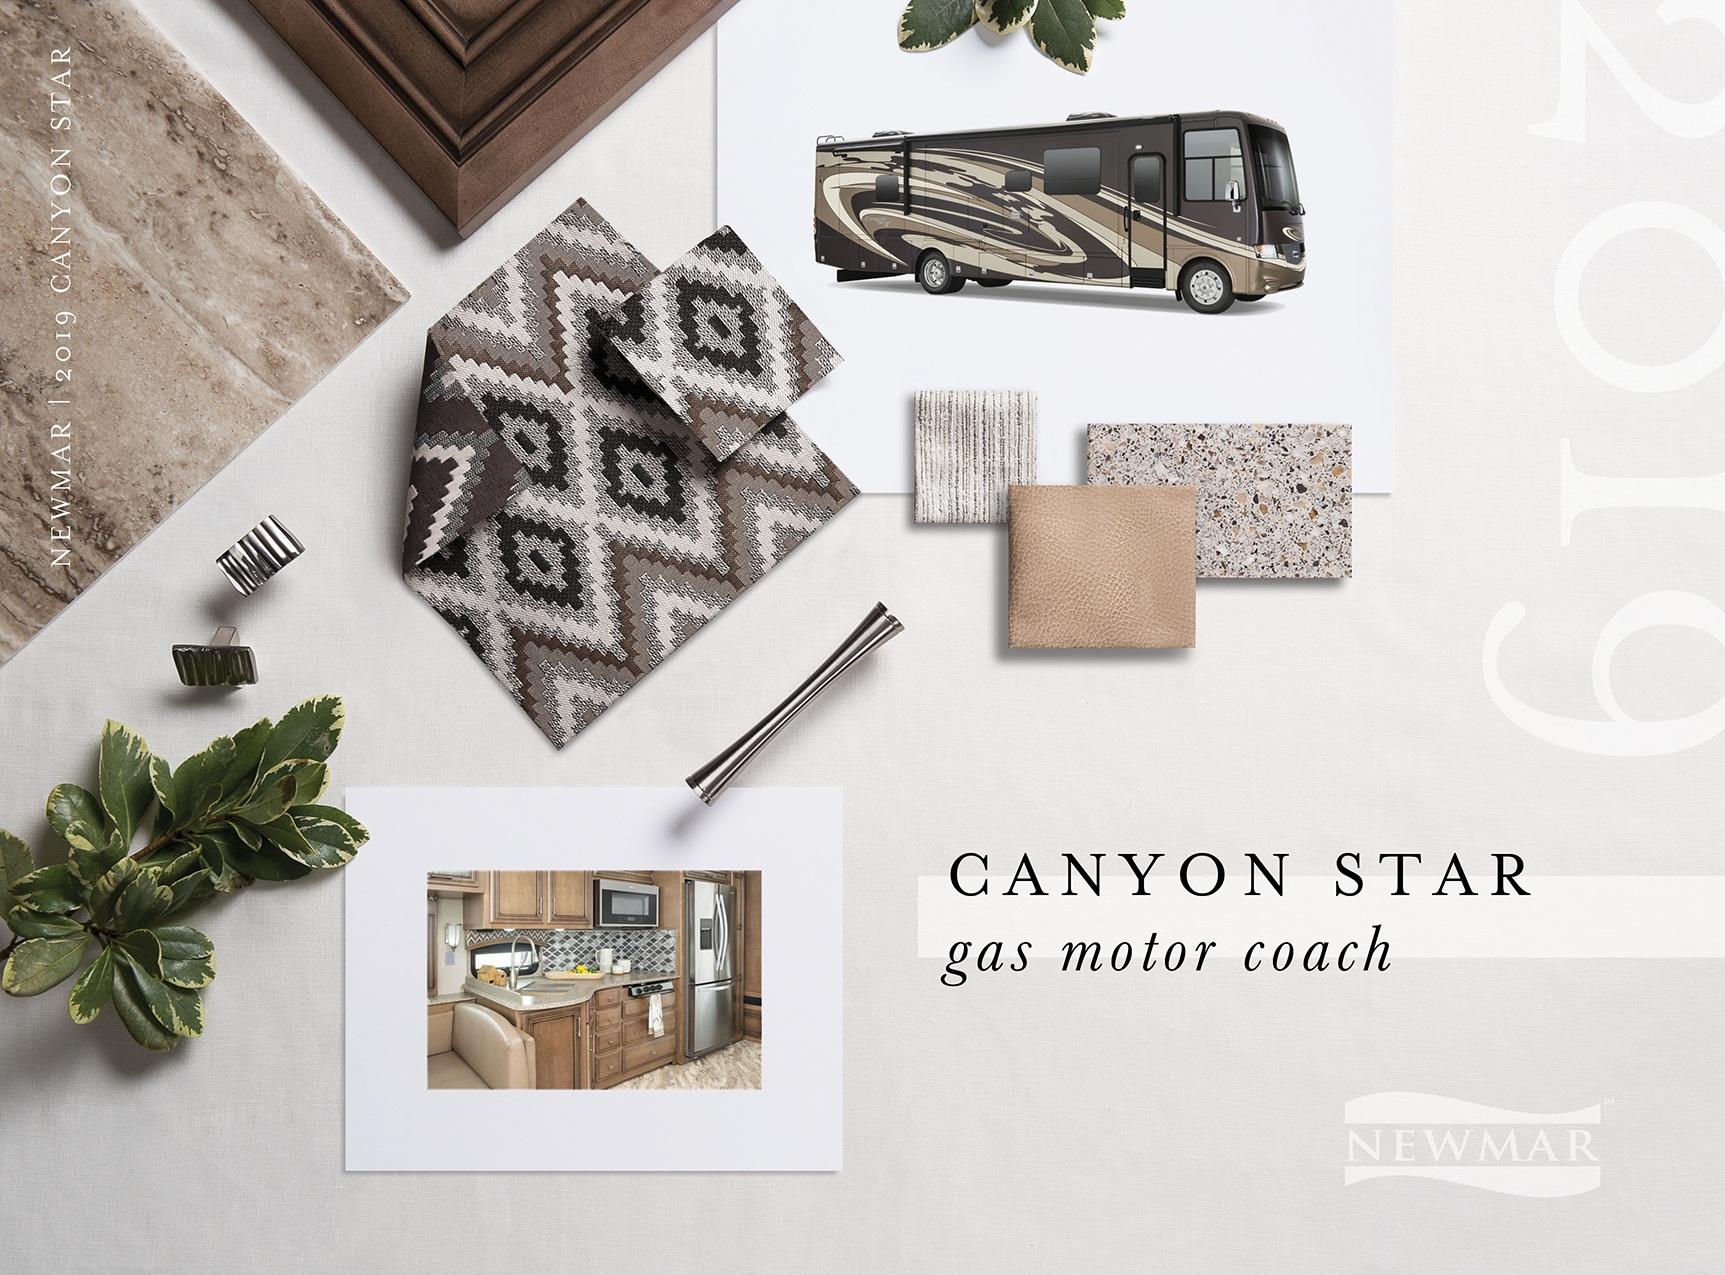 Canyon Star